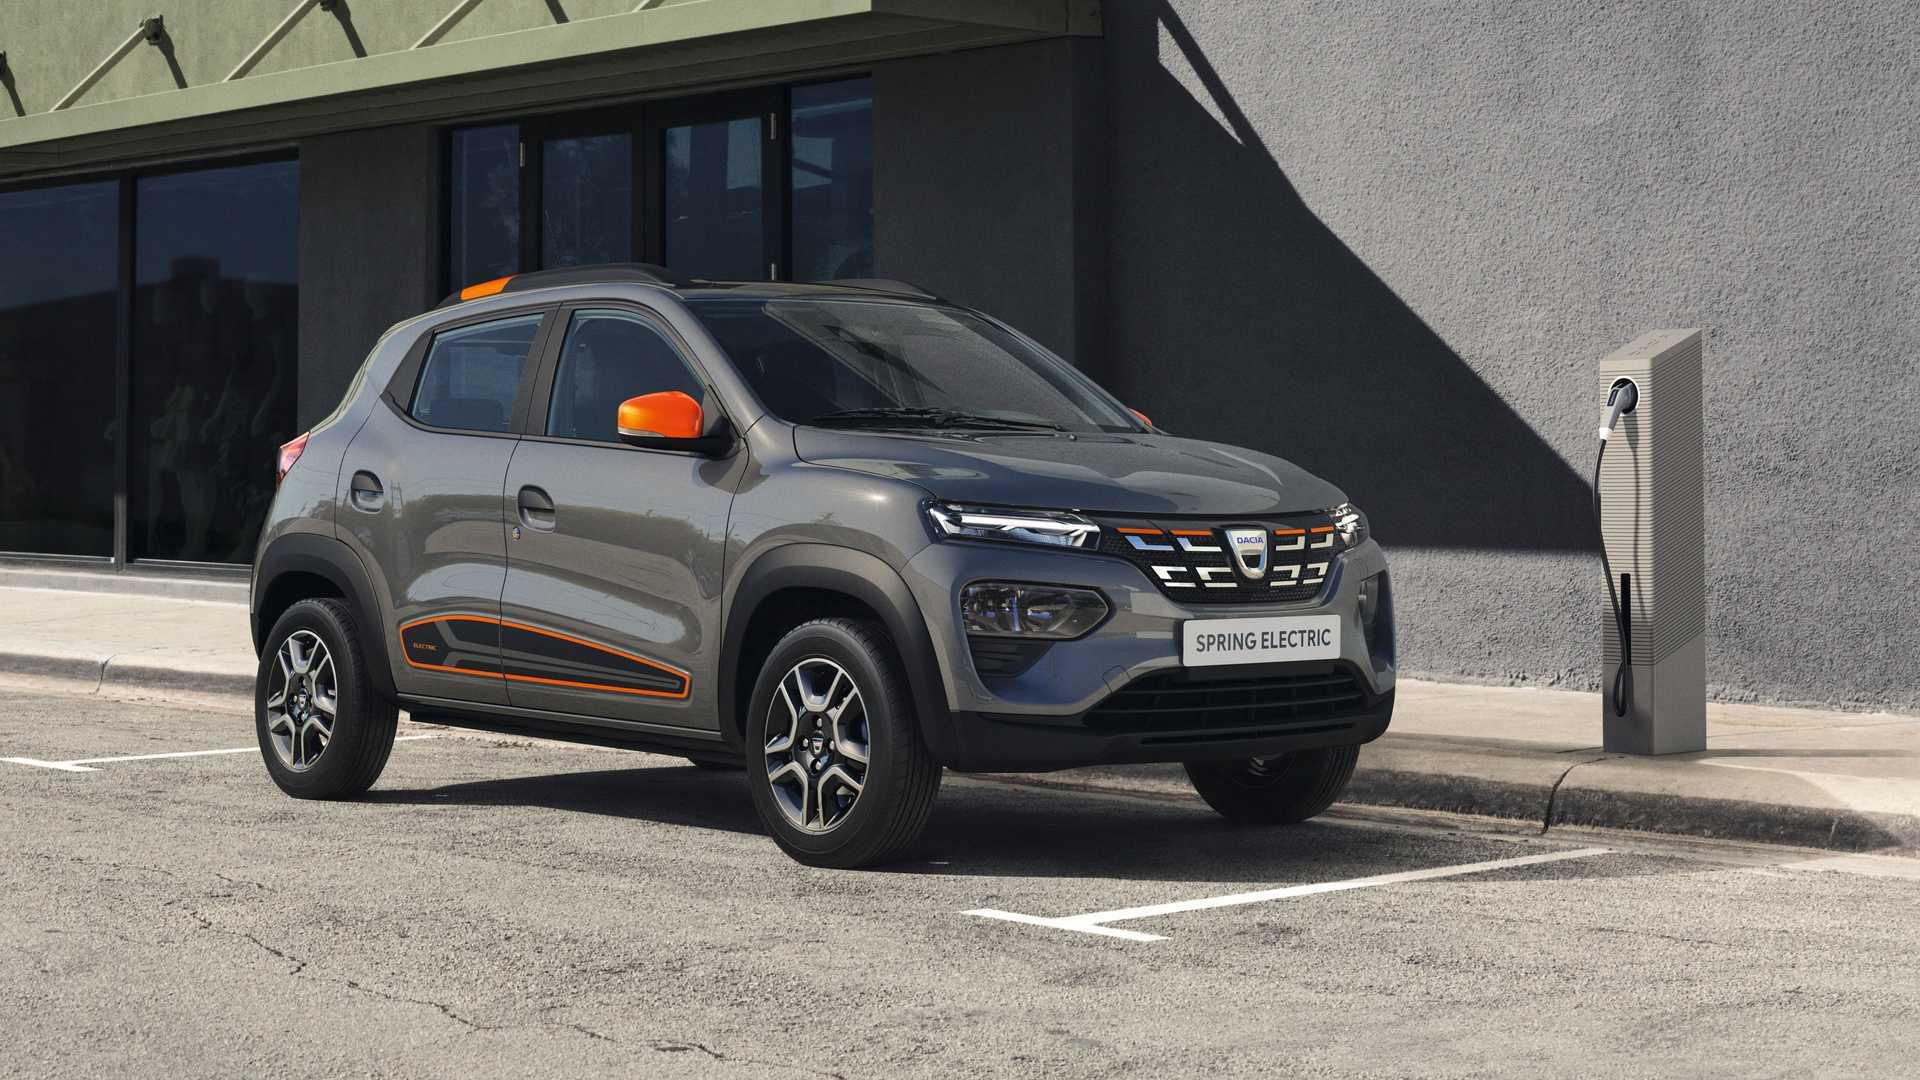 Dacia naar Spring Electric